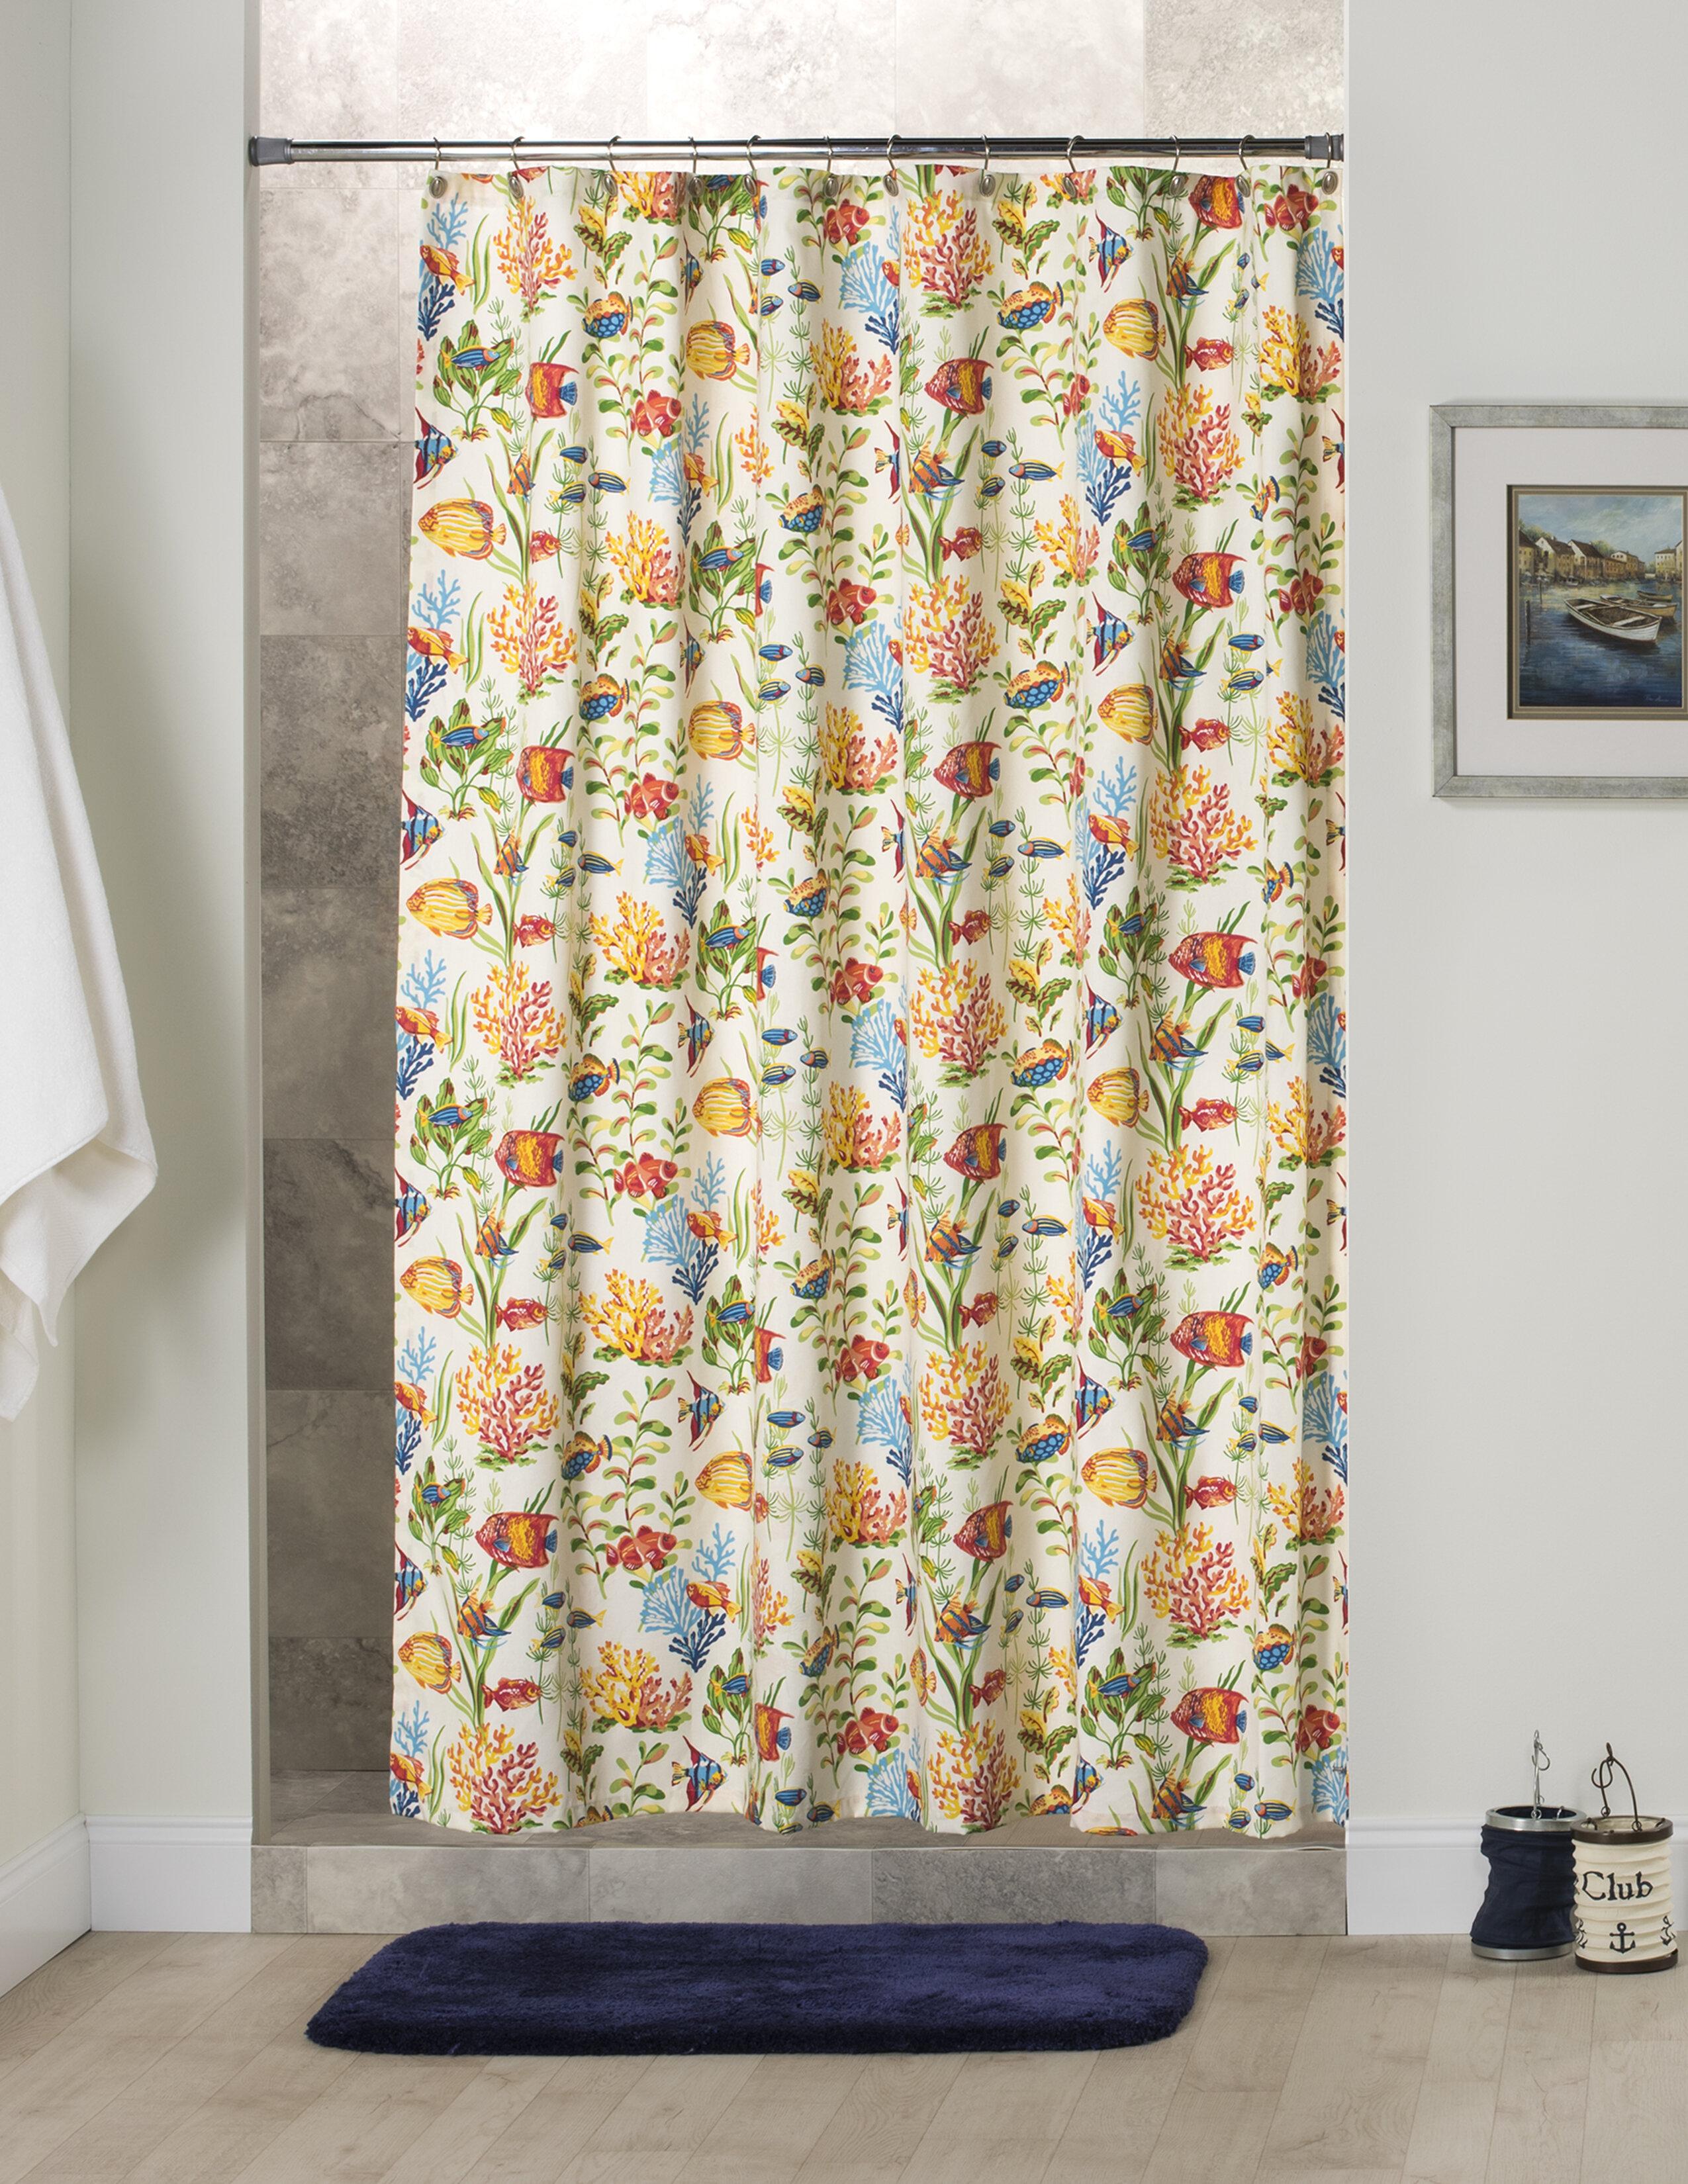 Bdeb 3d Elephant Shower Curtain Fabric Bathroom With 12